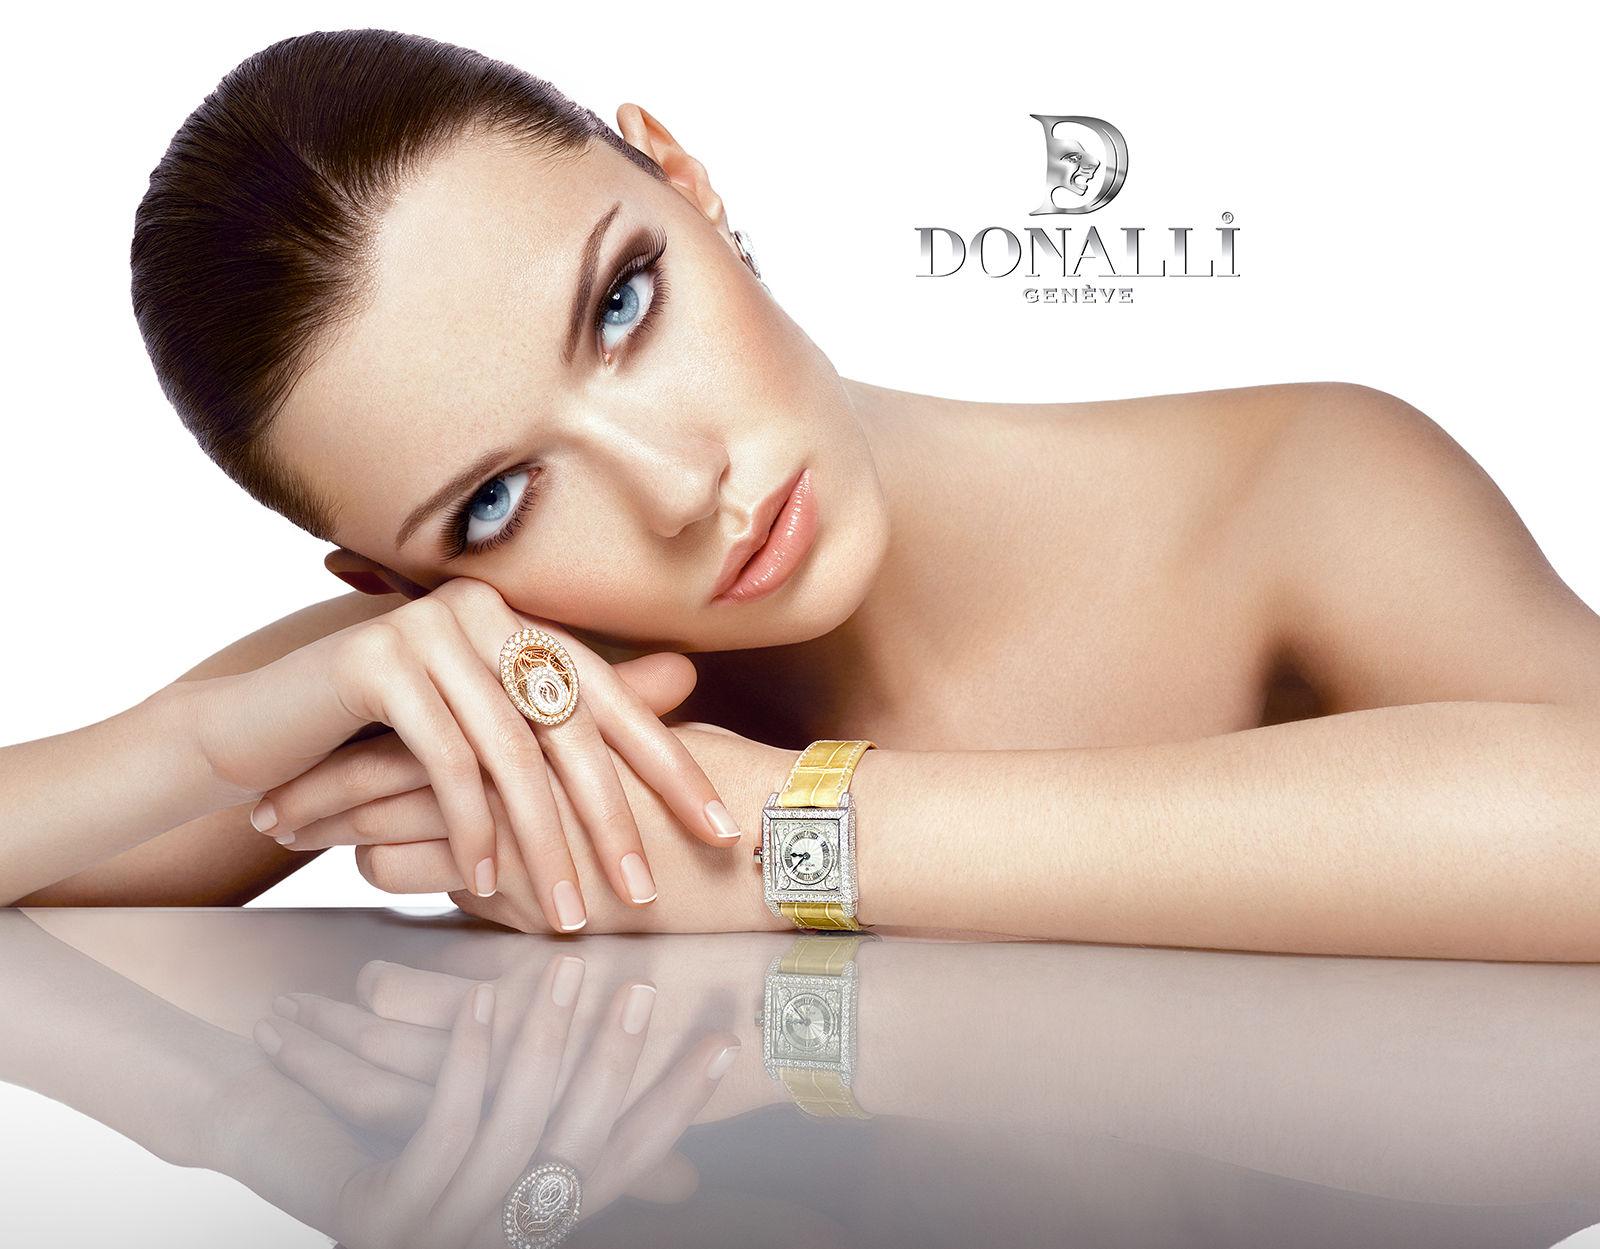 SUZANA SANTALAB for DONALLI